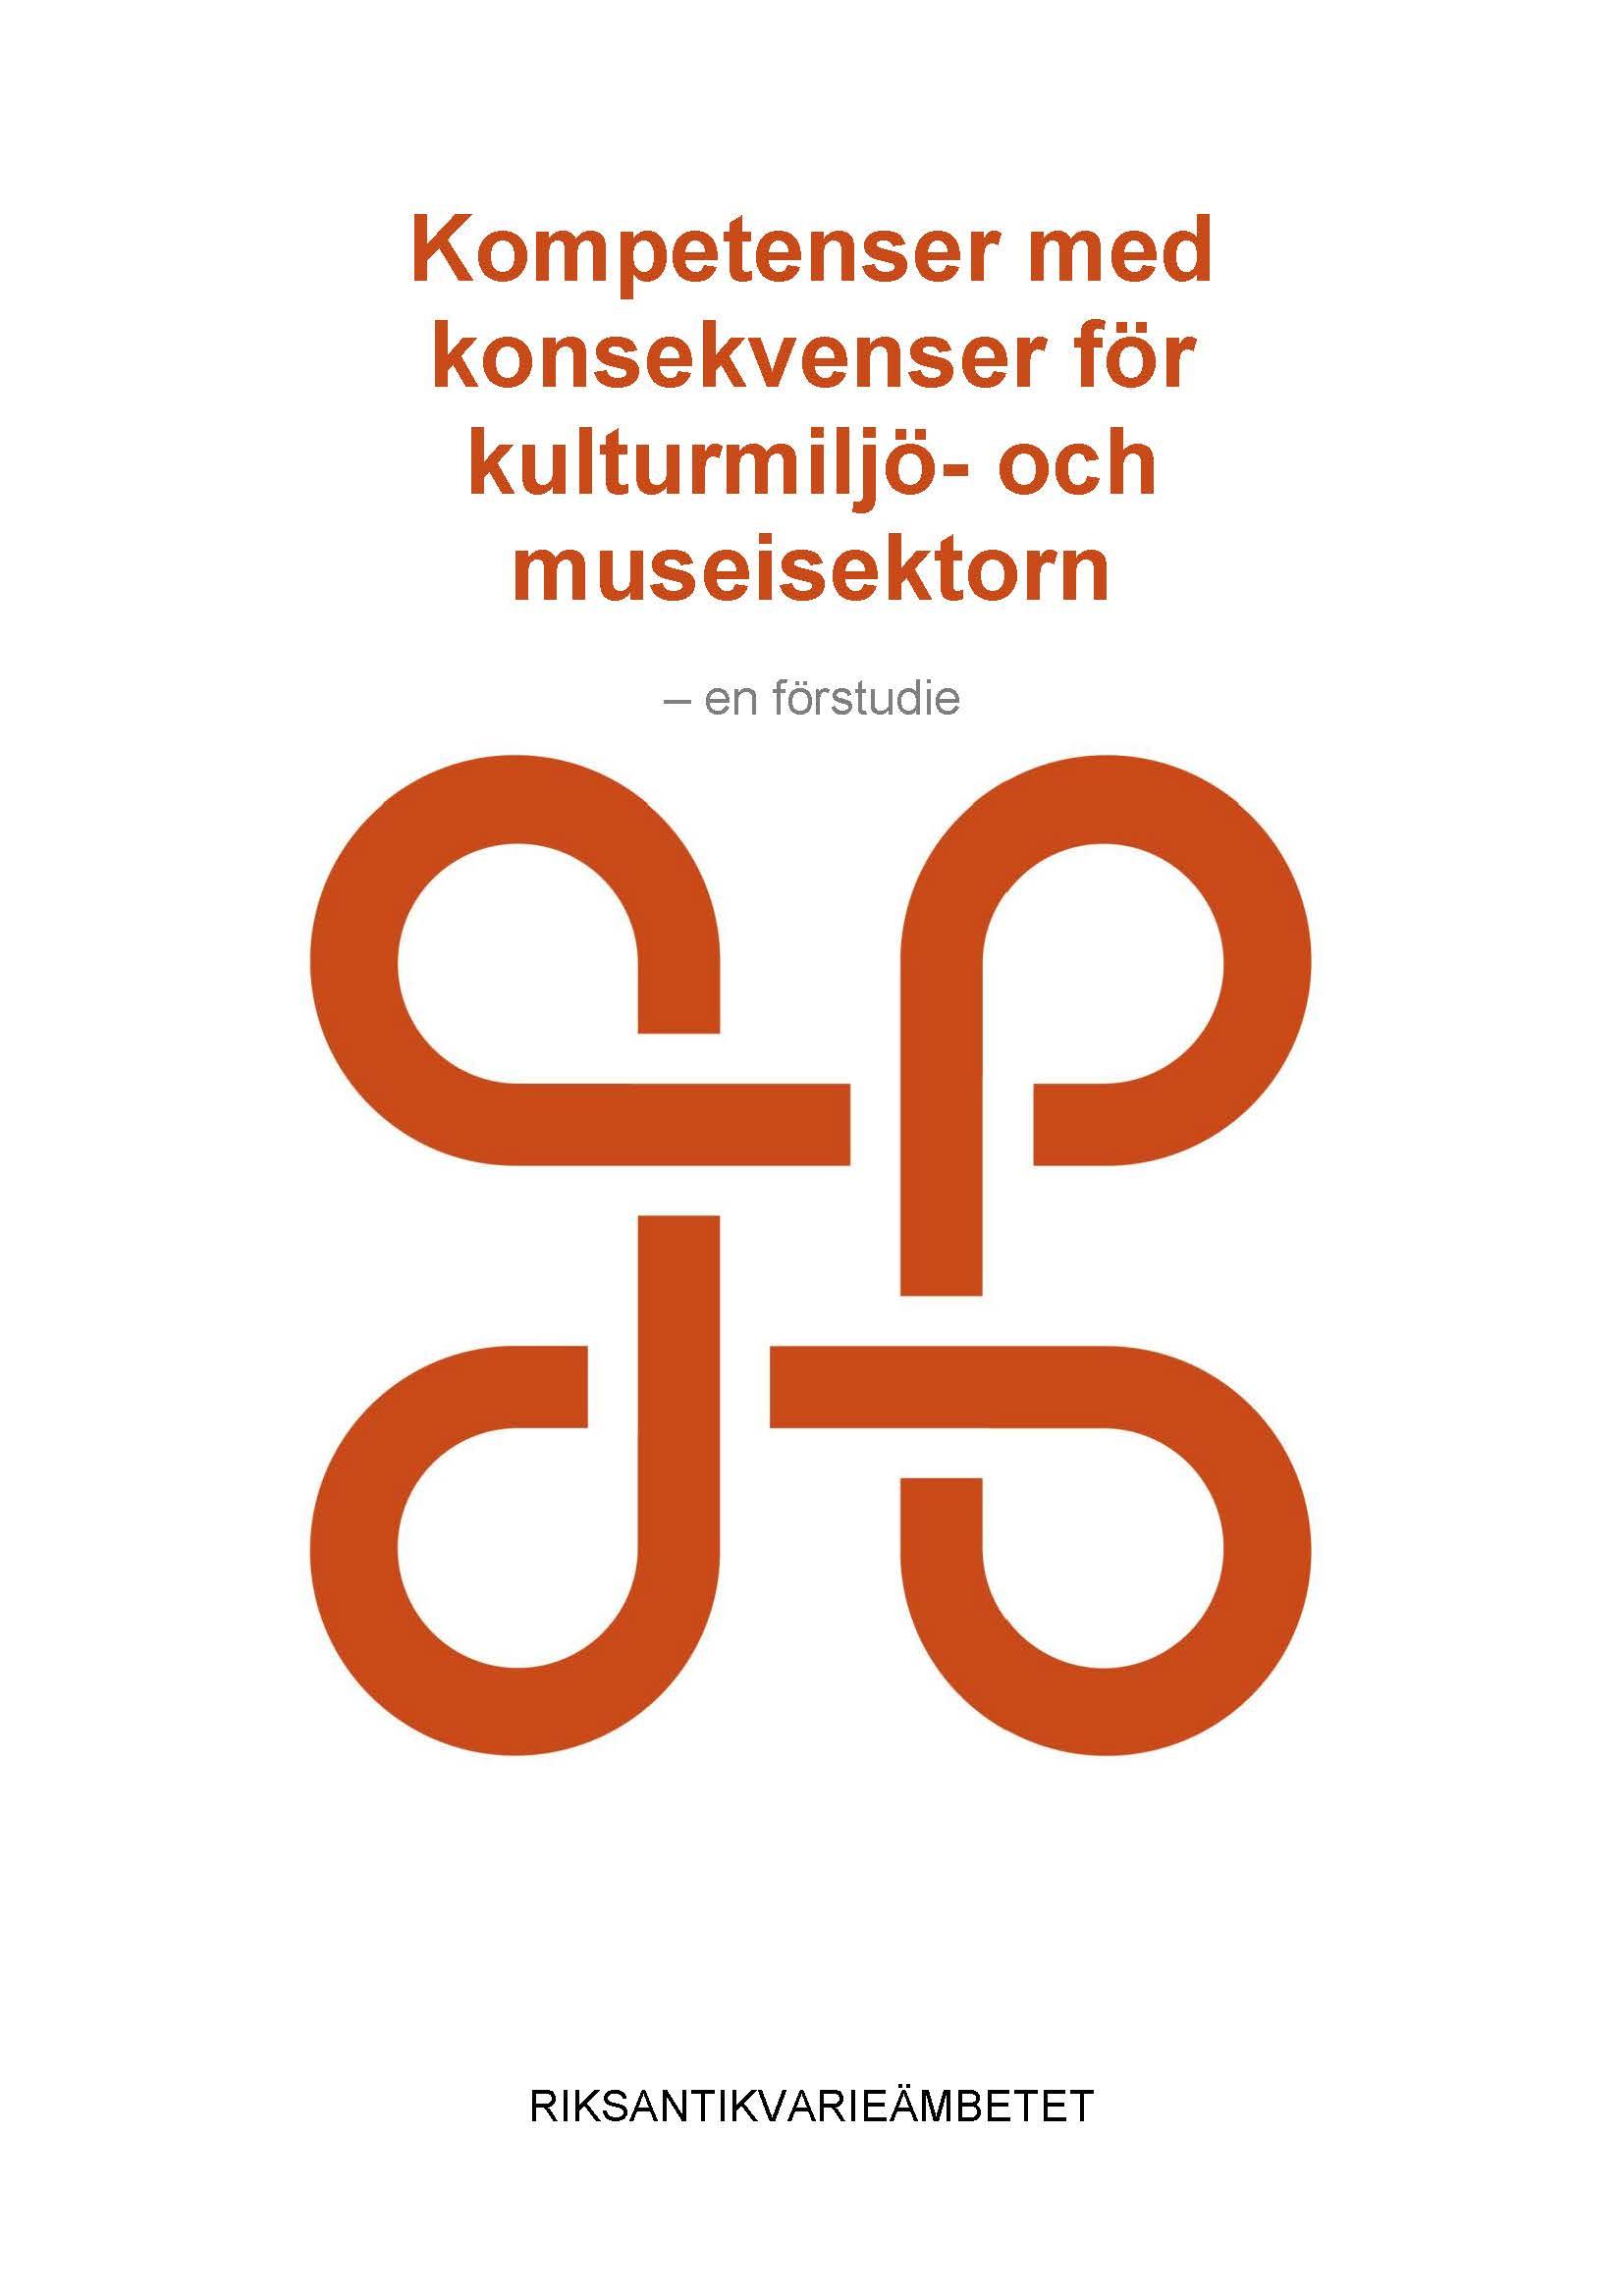 Kompetenser med konsekvenser för kulturmiljö- och museisektorn: en förstudie